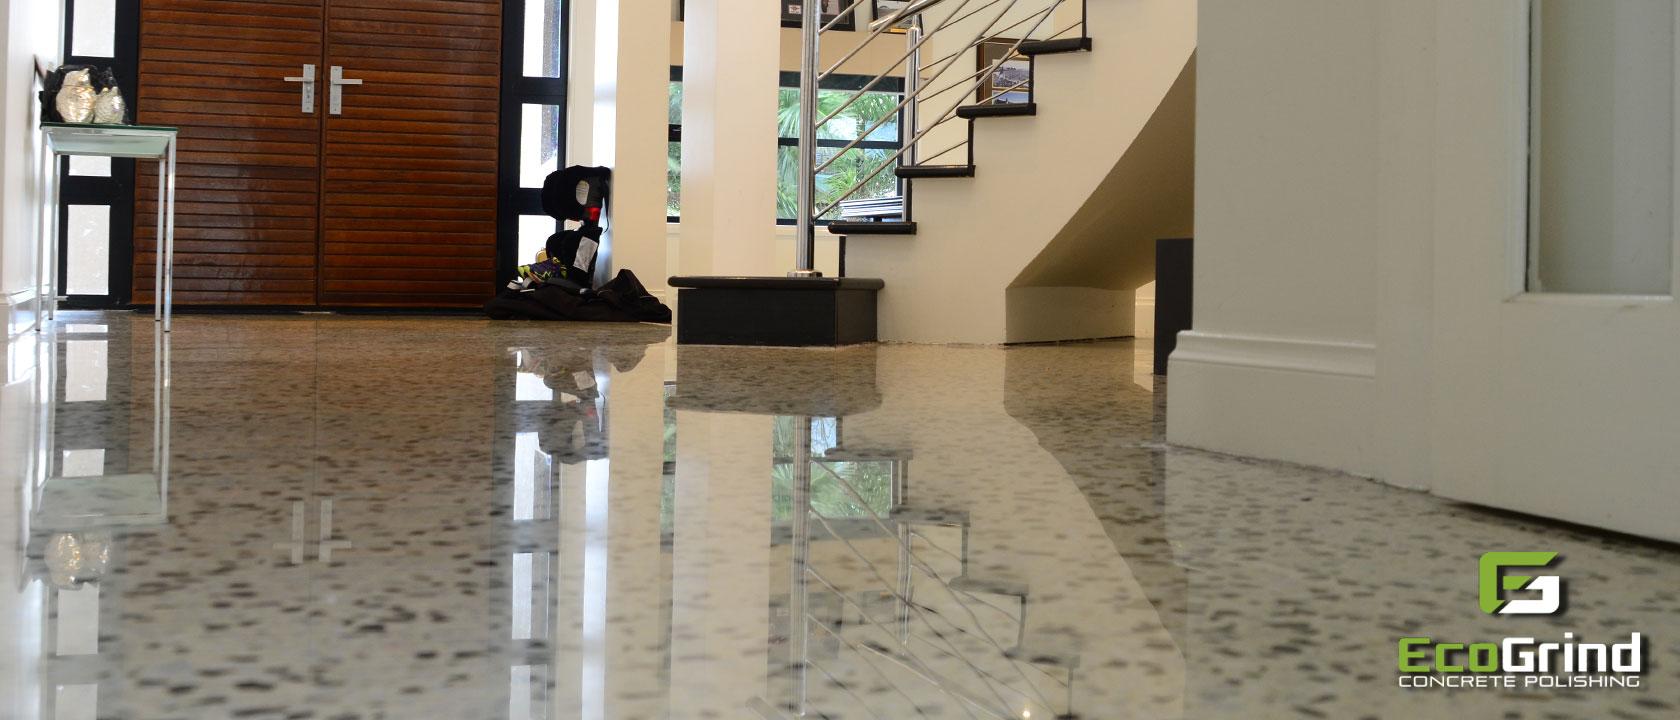 Melbourne concrete floor polishing let eco grind take for Caring for polished concrete floors